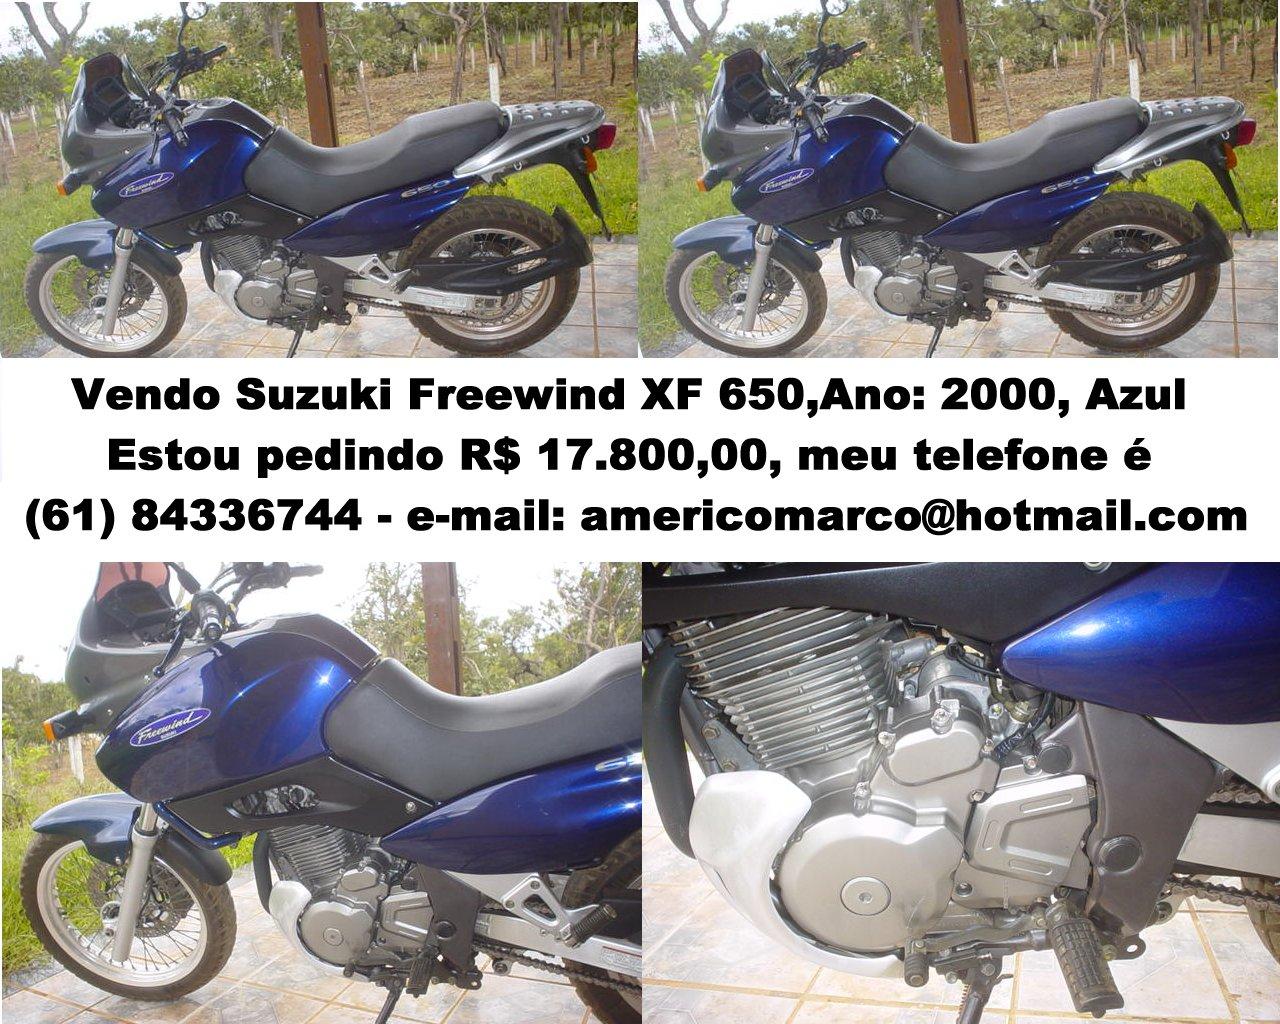 Freewind 2000 à venda